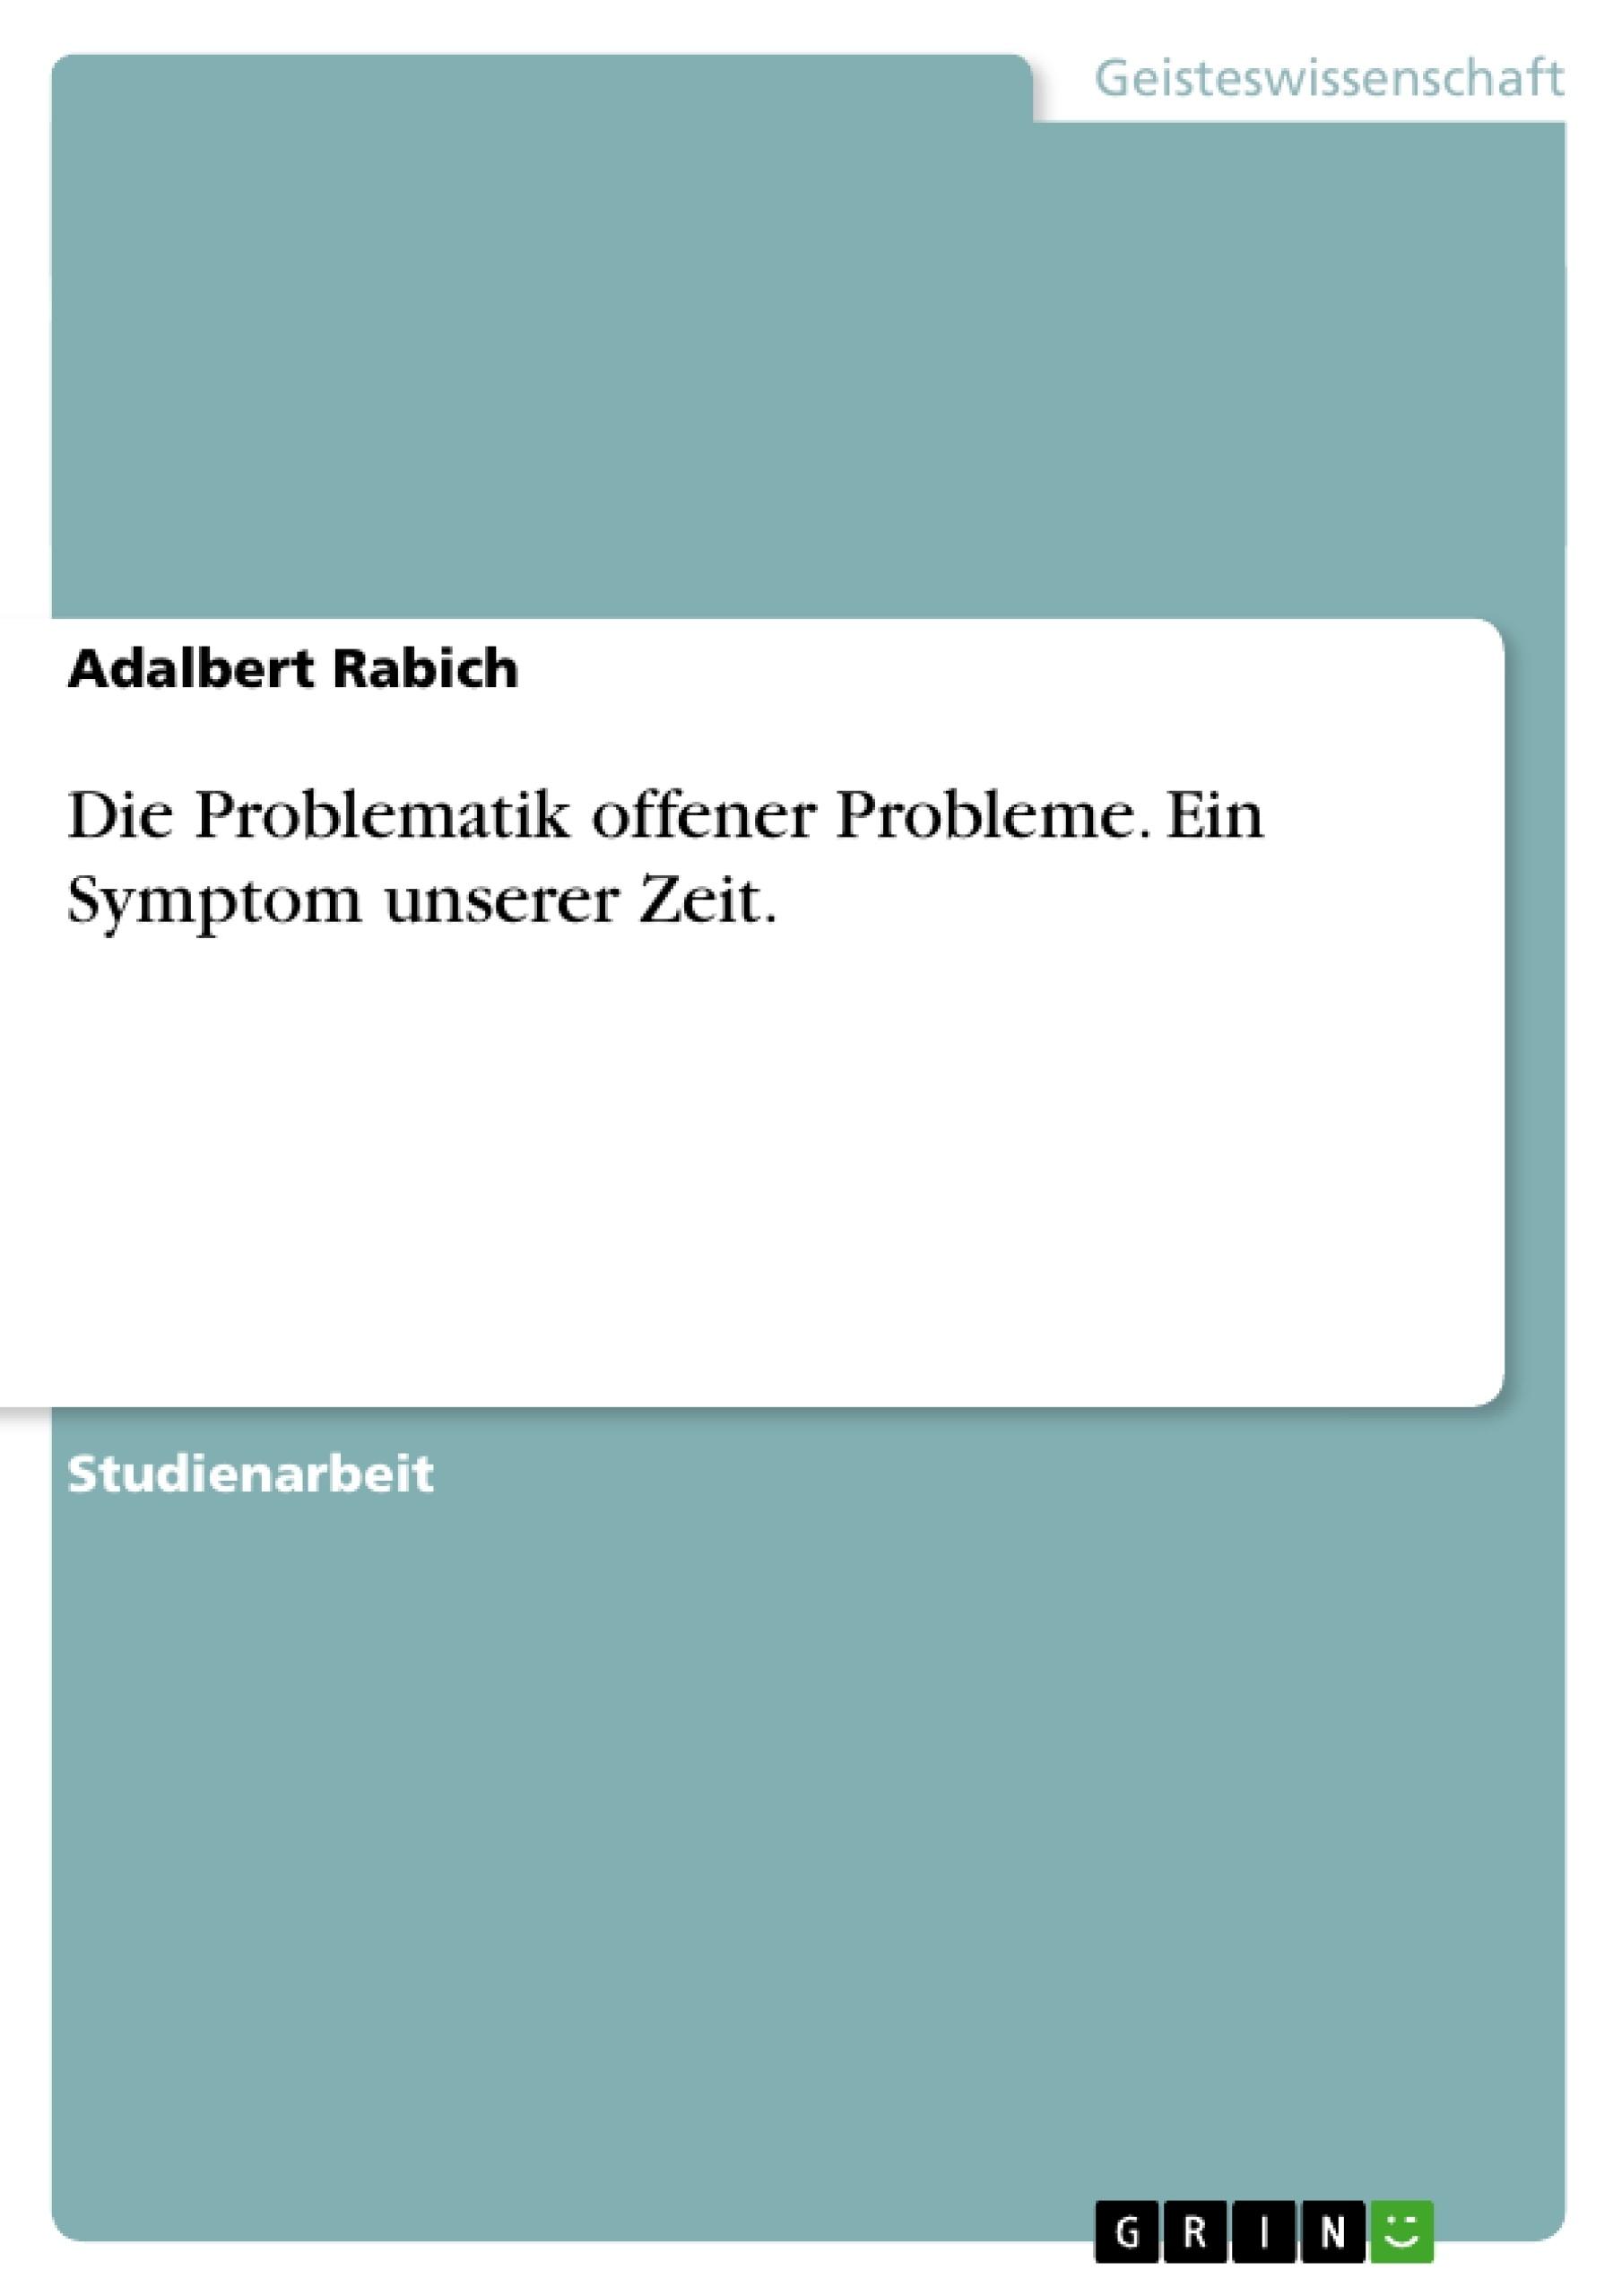 Titel: Die Problematik offener Probleme. Ein Symptom unserer Zeit.